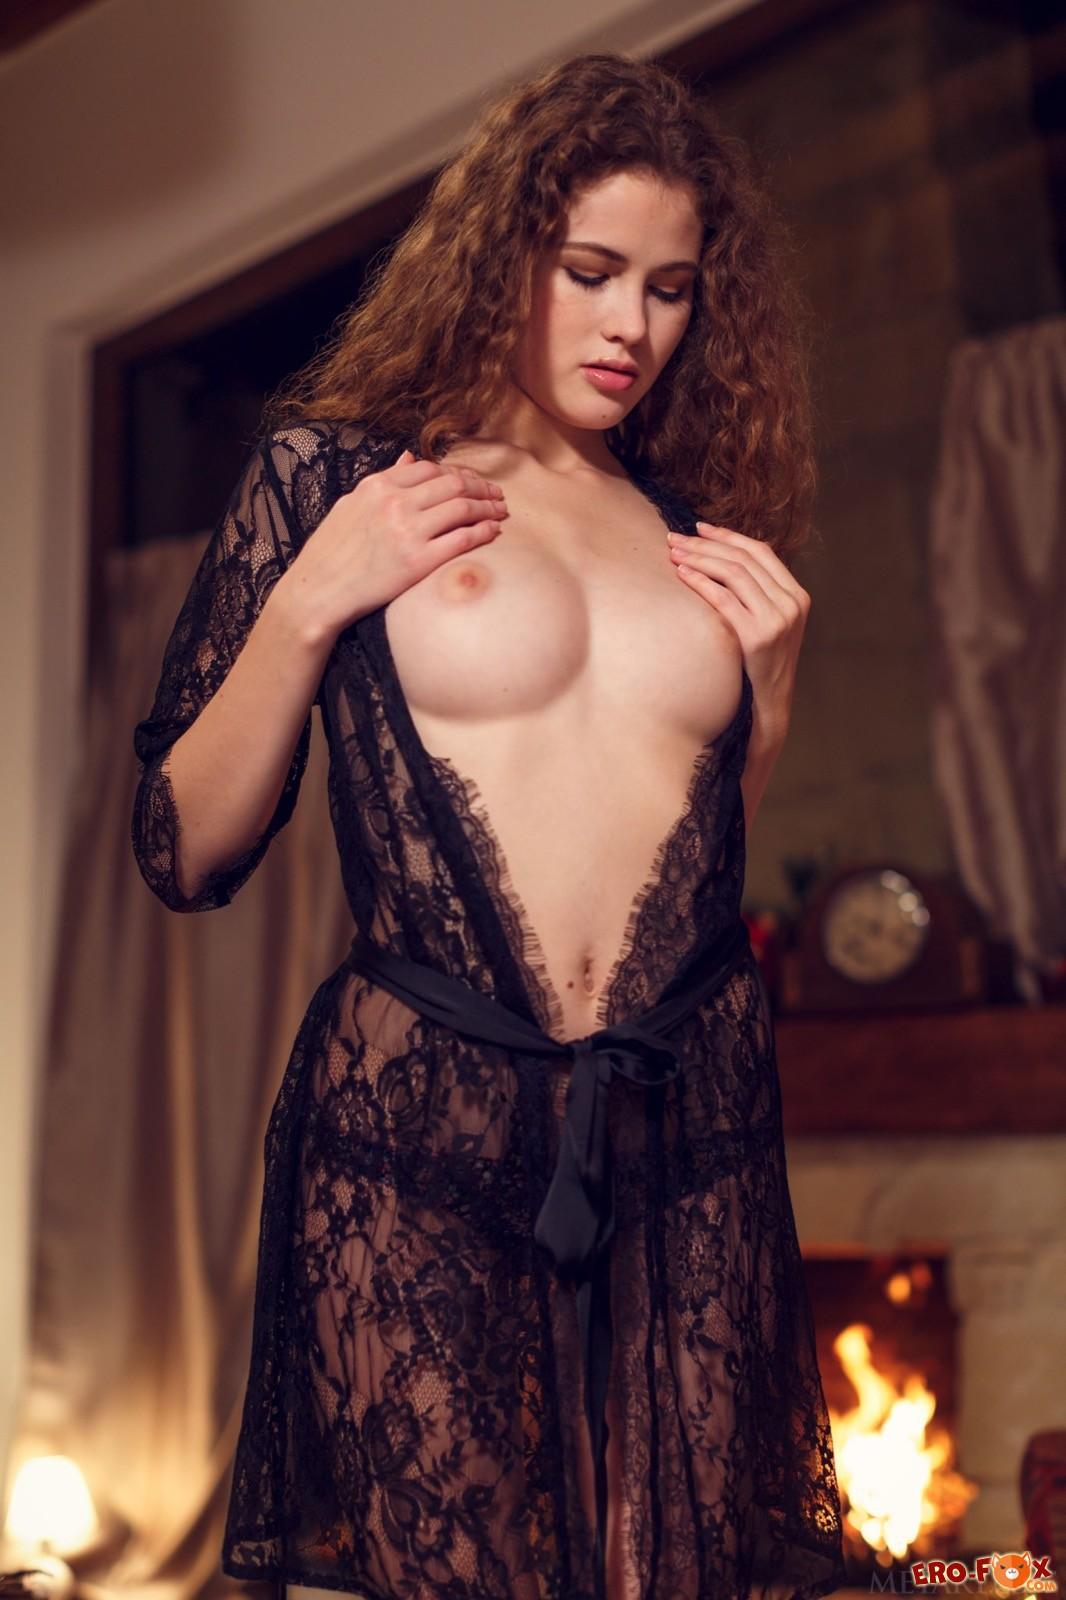 Кучерявая шатенка позирует в халате на голое тело